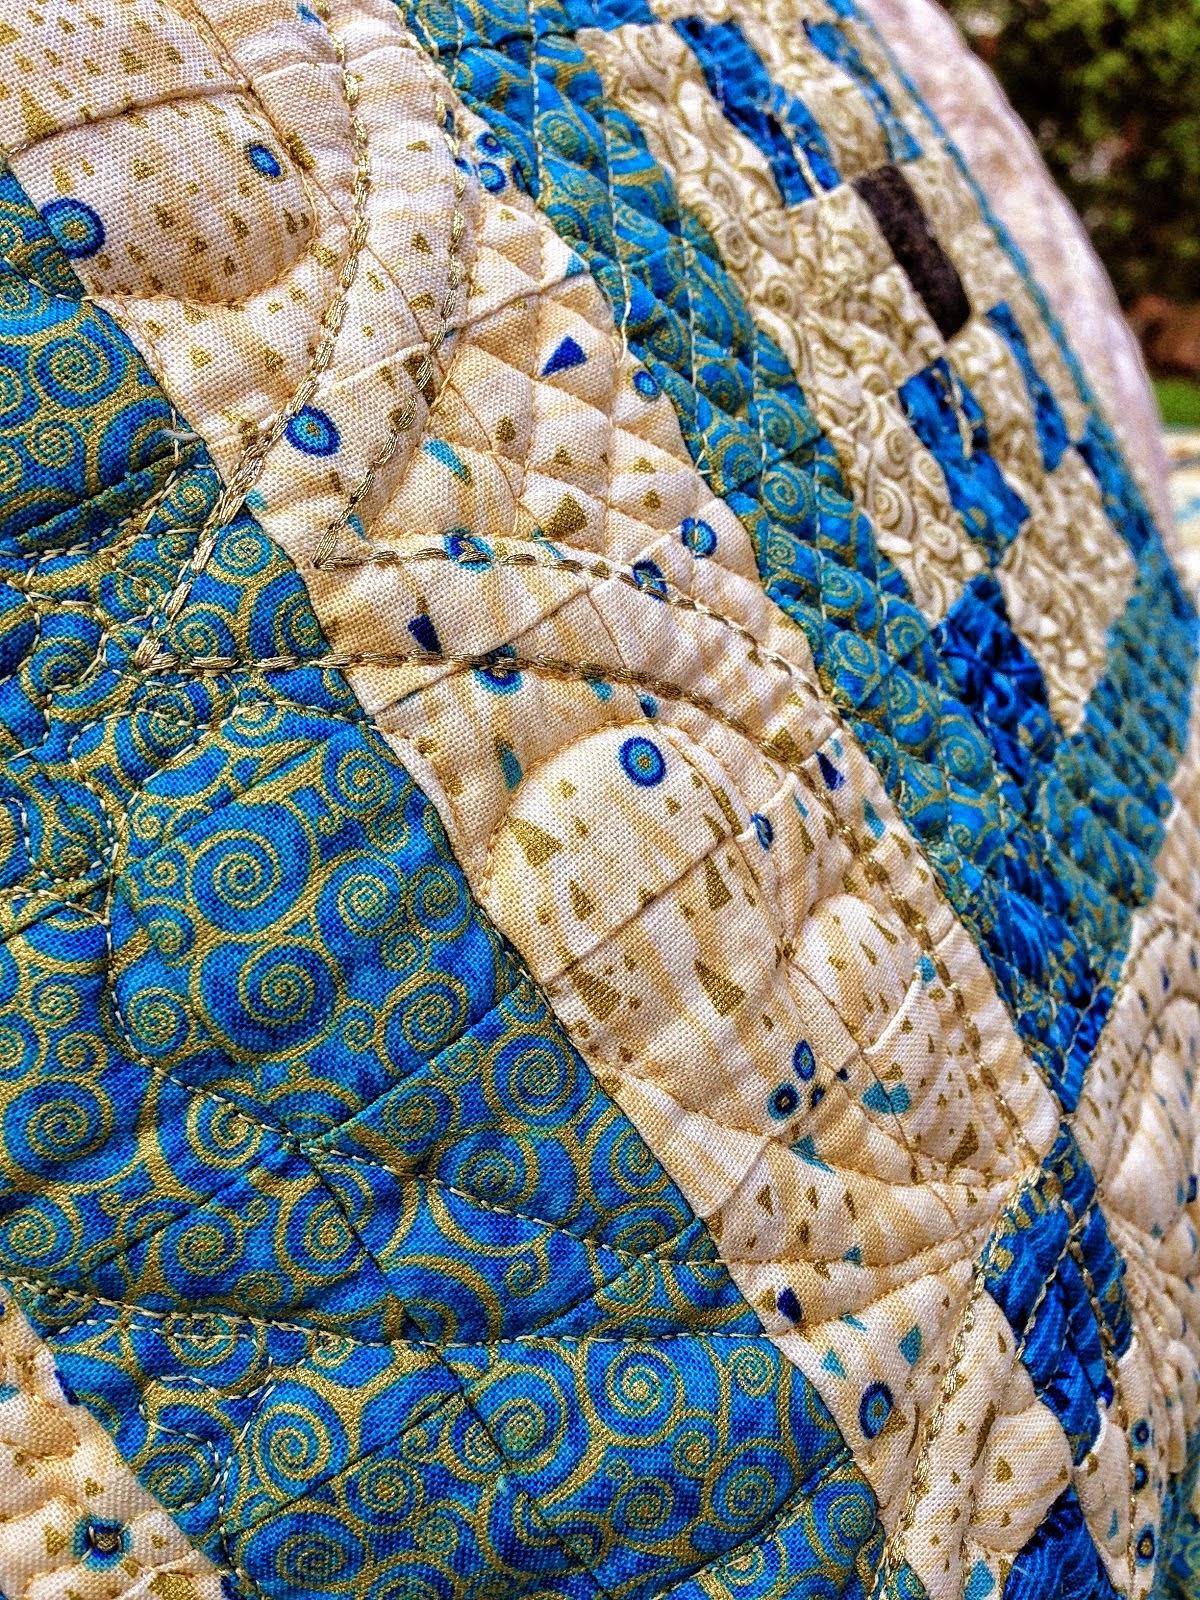 пэчворк, квилтинг, quilting, patchwork, лоскутное одеяло, одеяло